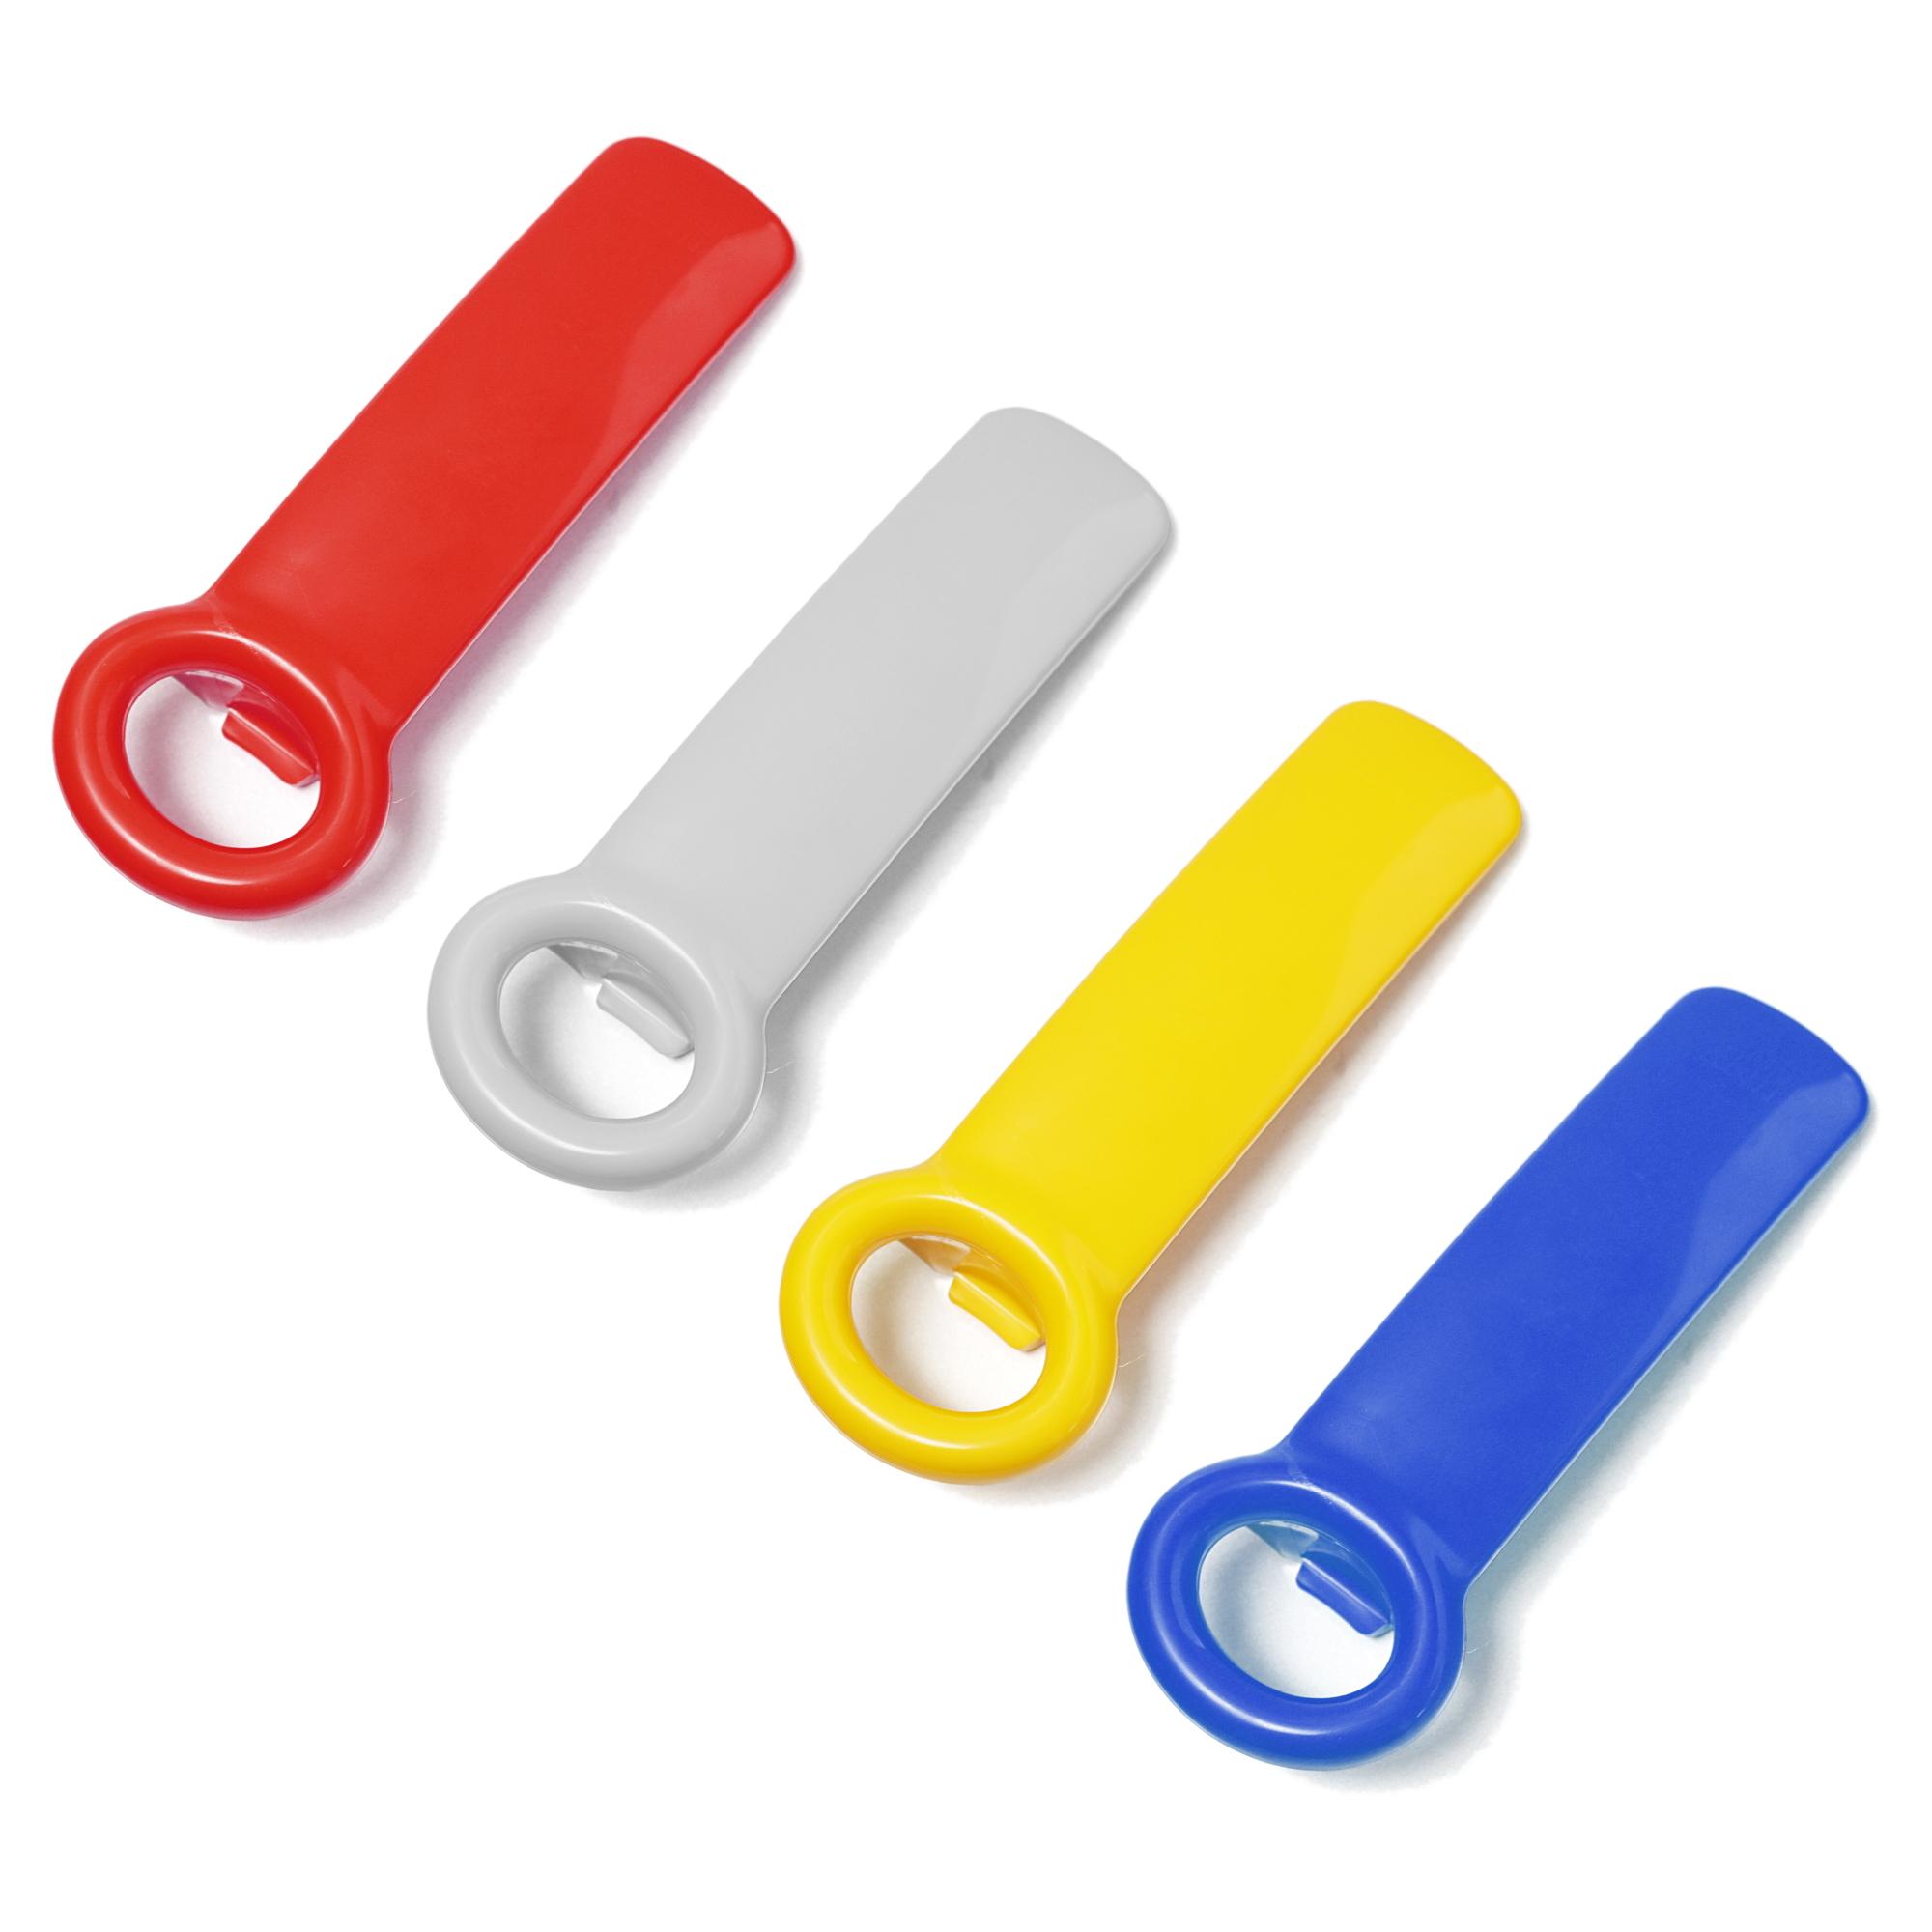 Brix JarPop Jarkey Assorted Color Jar Opener